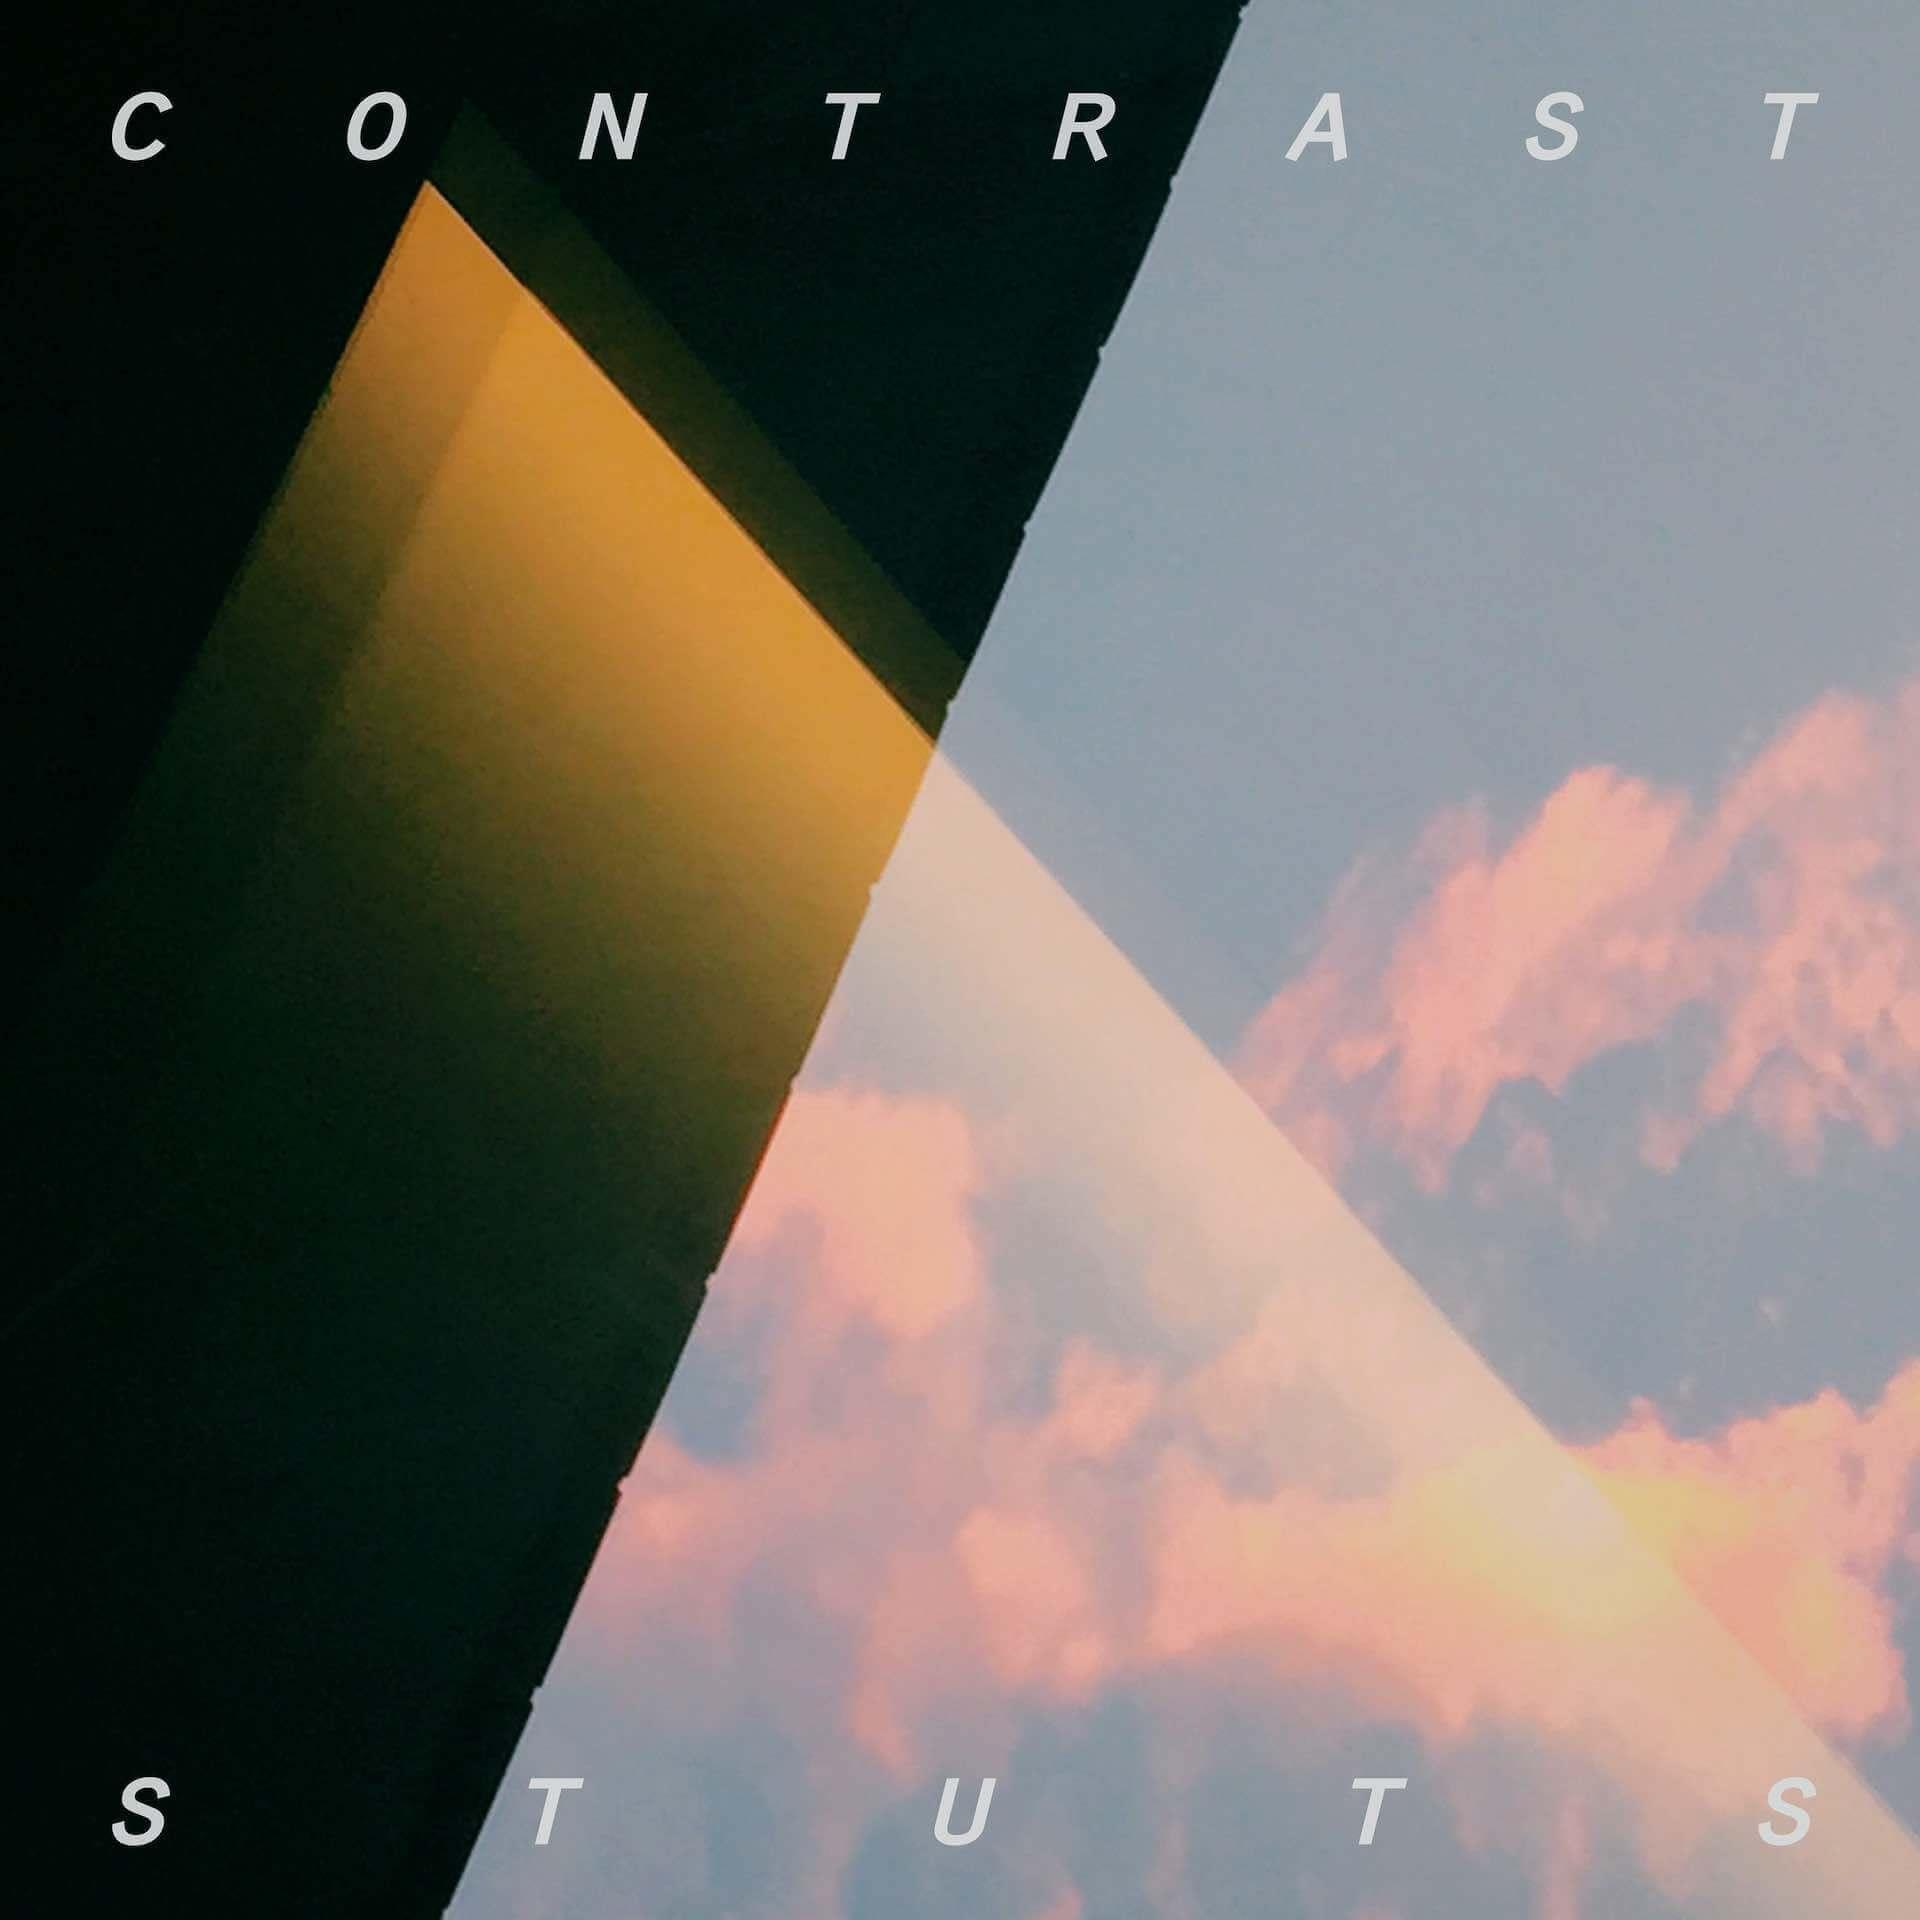 """STUTSがミニアルバム『Contrast』をリリース!SUMIN、Daichi Yamamoto、鎮座DOPENESSを迎えた""""Mirrors""""のMVも公開 music200916_stuts_4-1920x1920"""